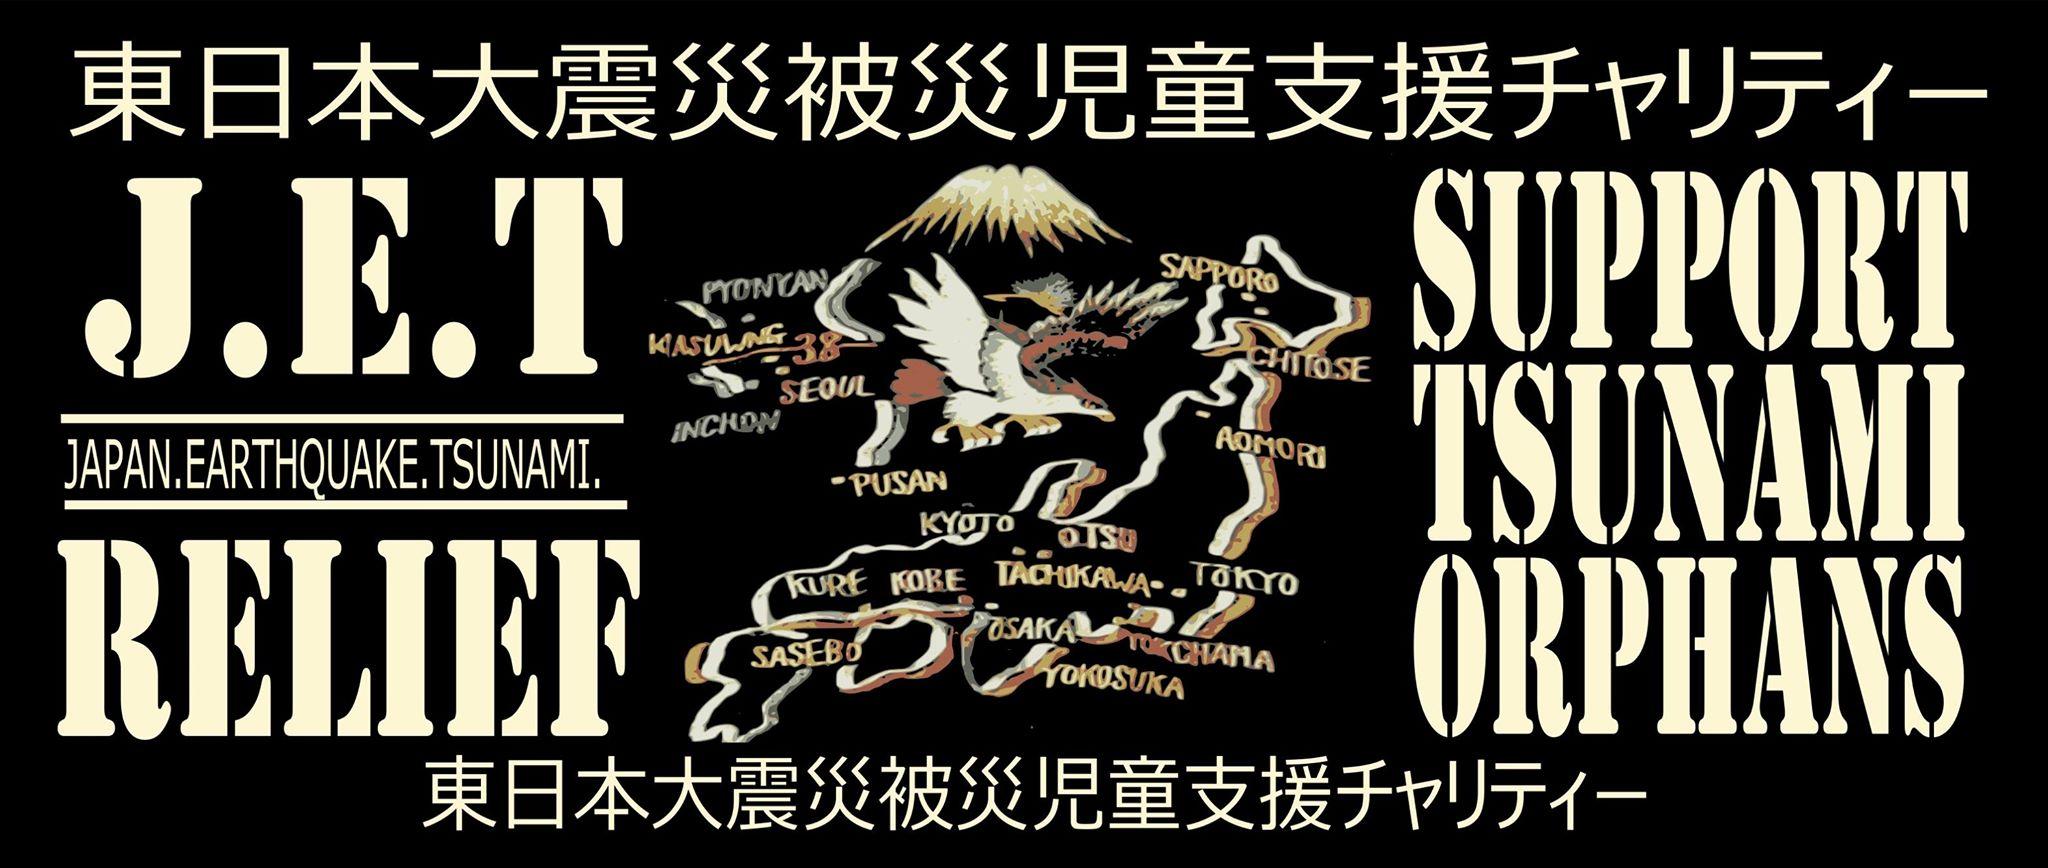 【イベント情報】 東日本大震災の被災児童支援ロカビリーチャリティーイベント「J.E.T Relief」が3月19日開催!!!